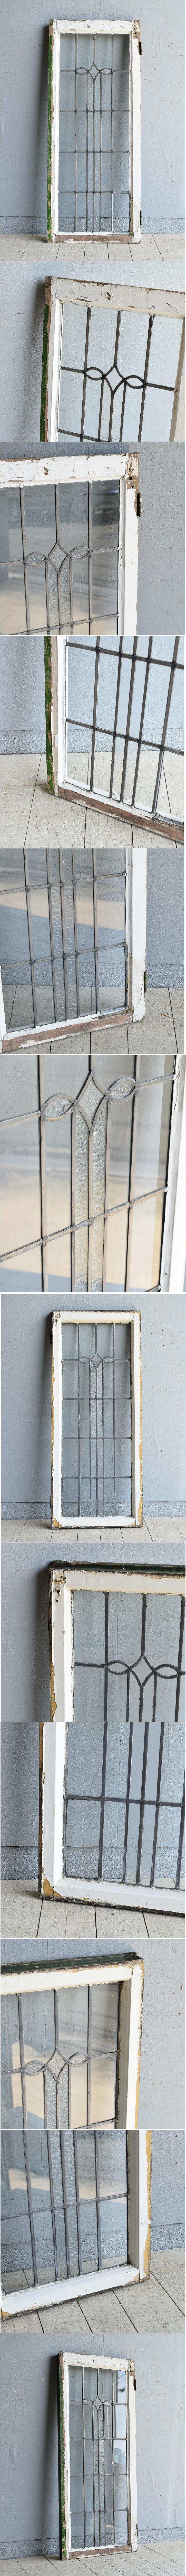 イギリス アンティーク 窓 無色透明 8103